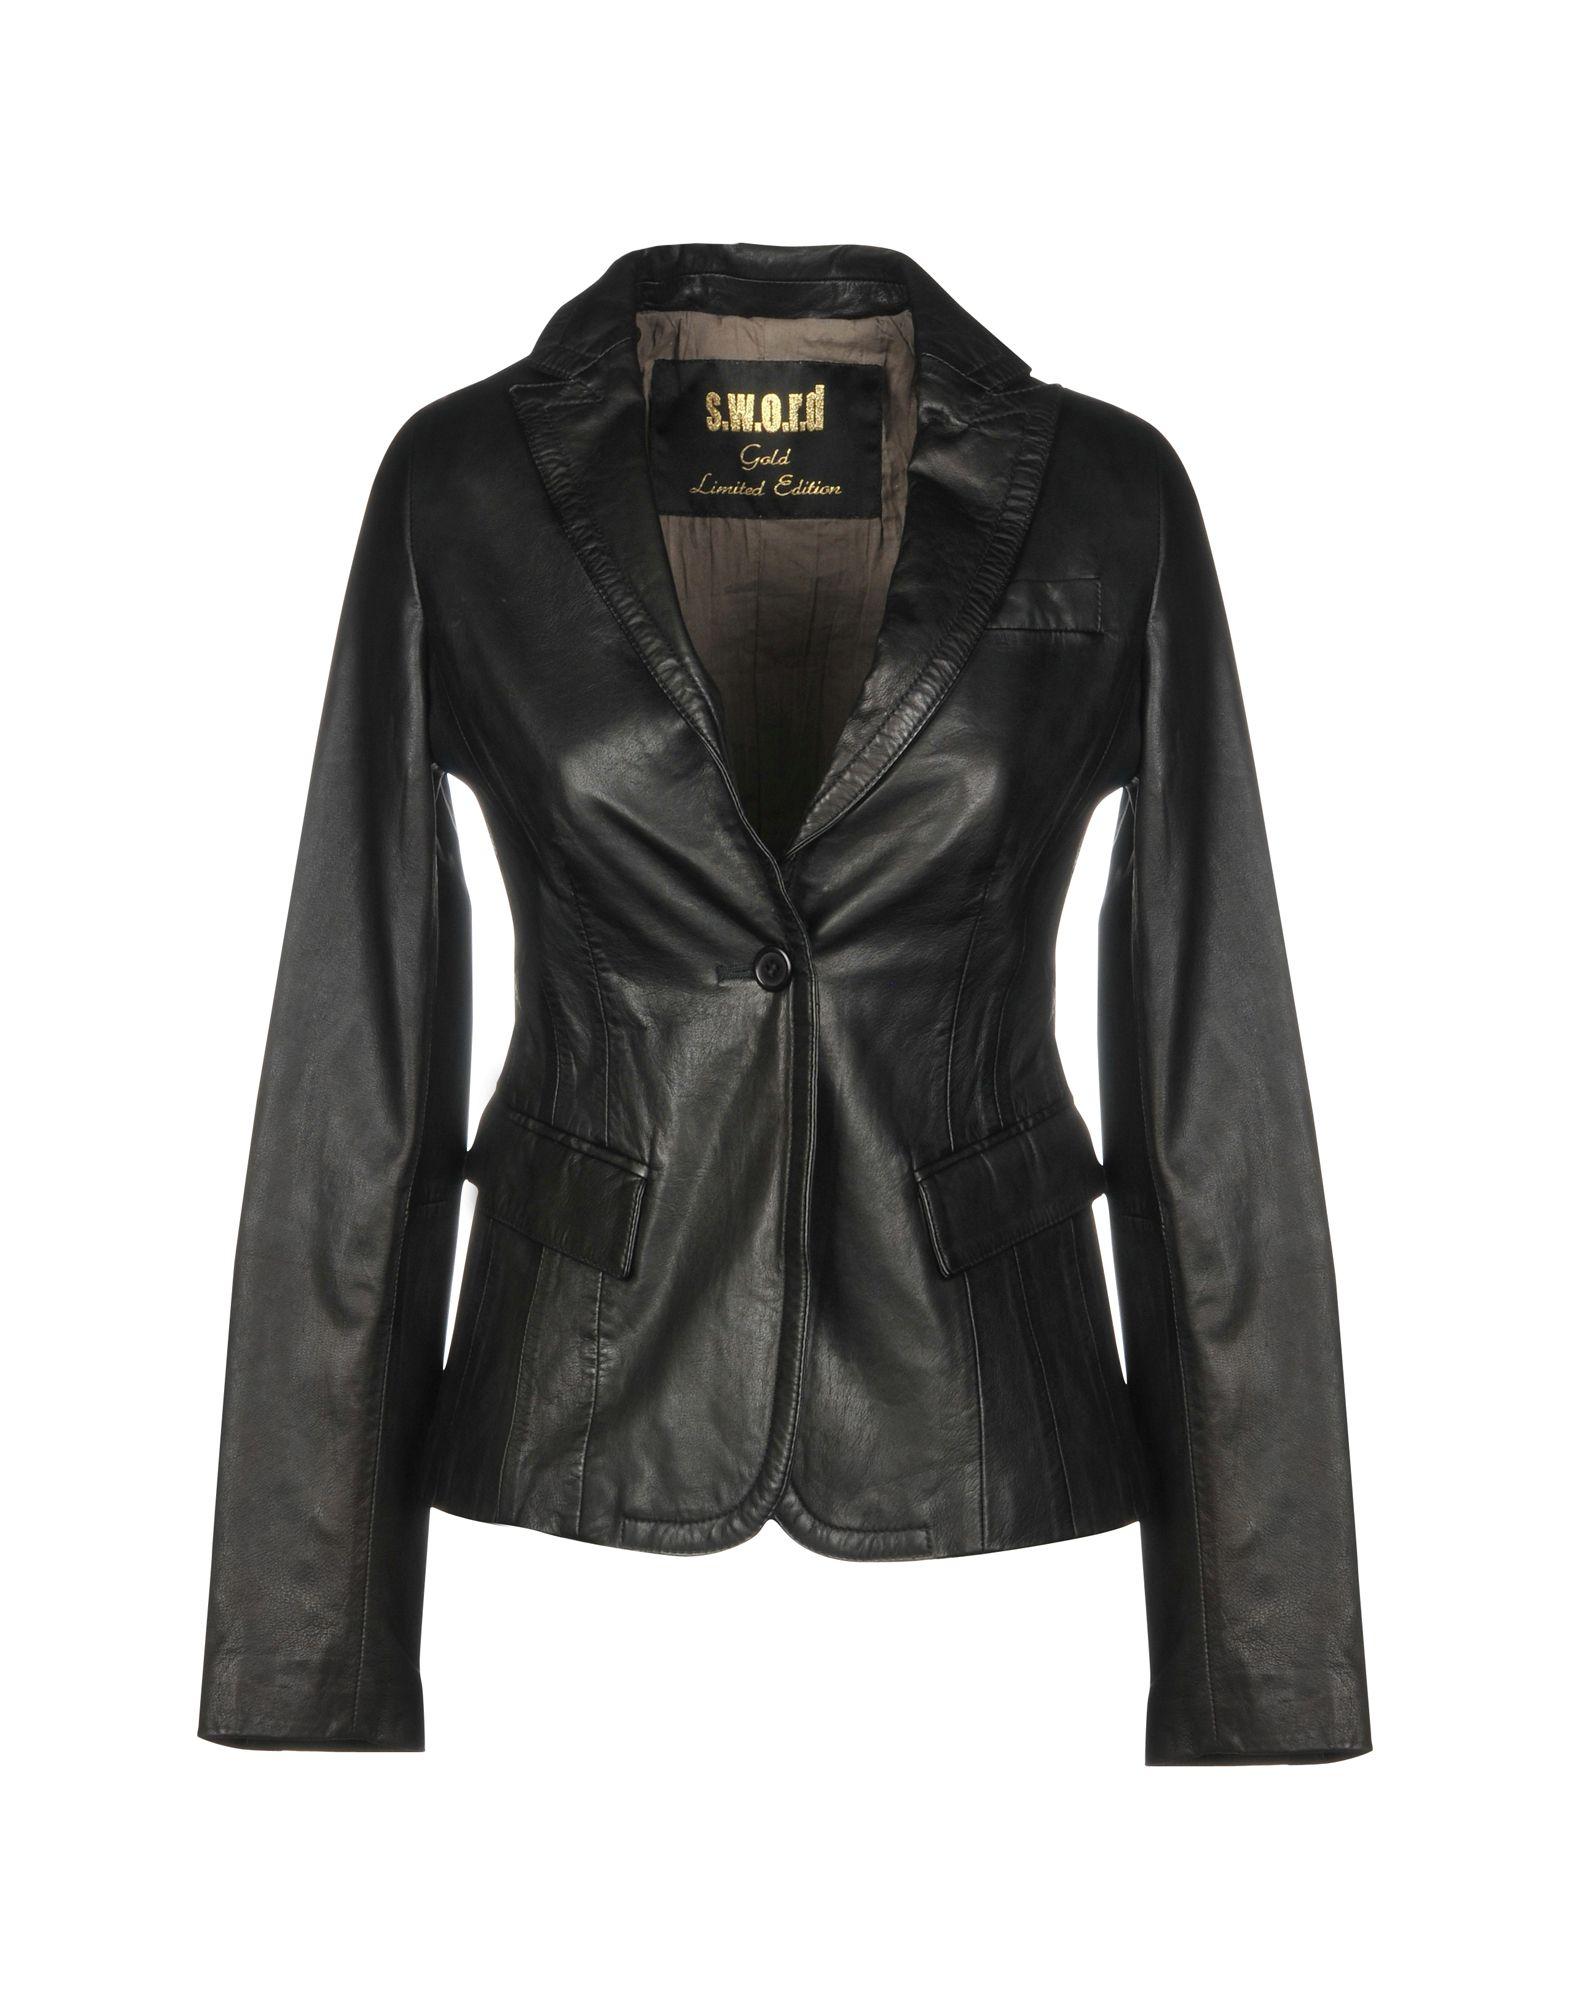 《送料無料》S.W.O.R.D. レディース テーラードジャケット ブラック 40 革 100%